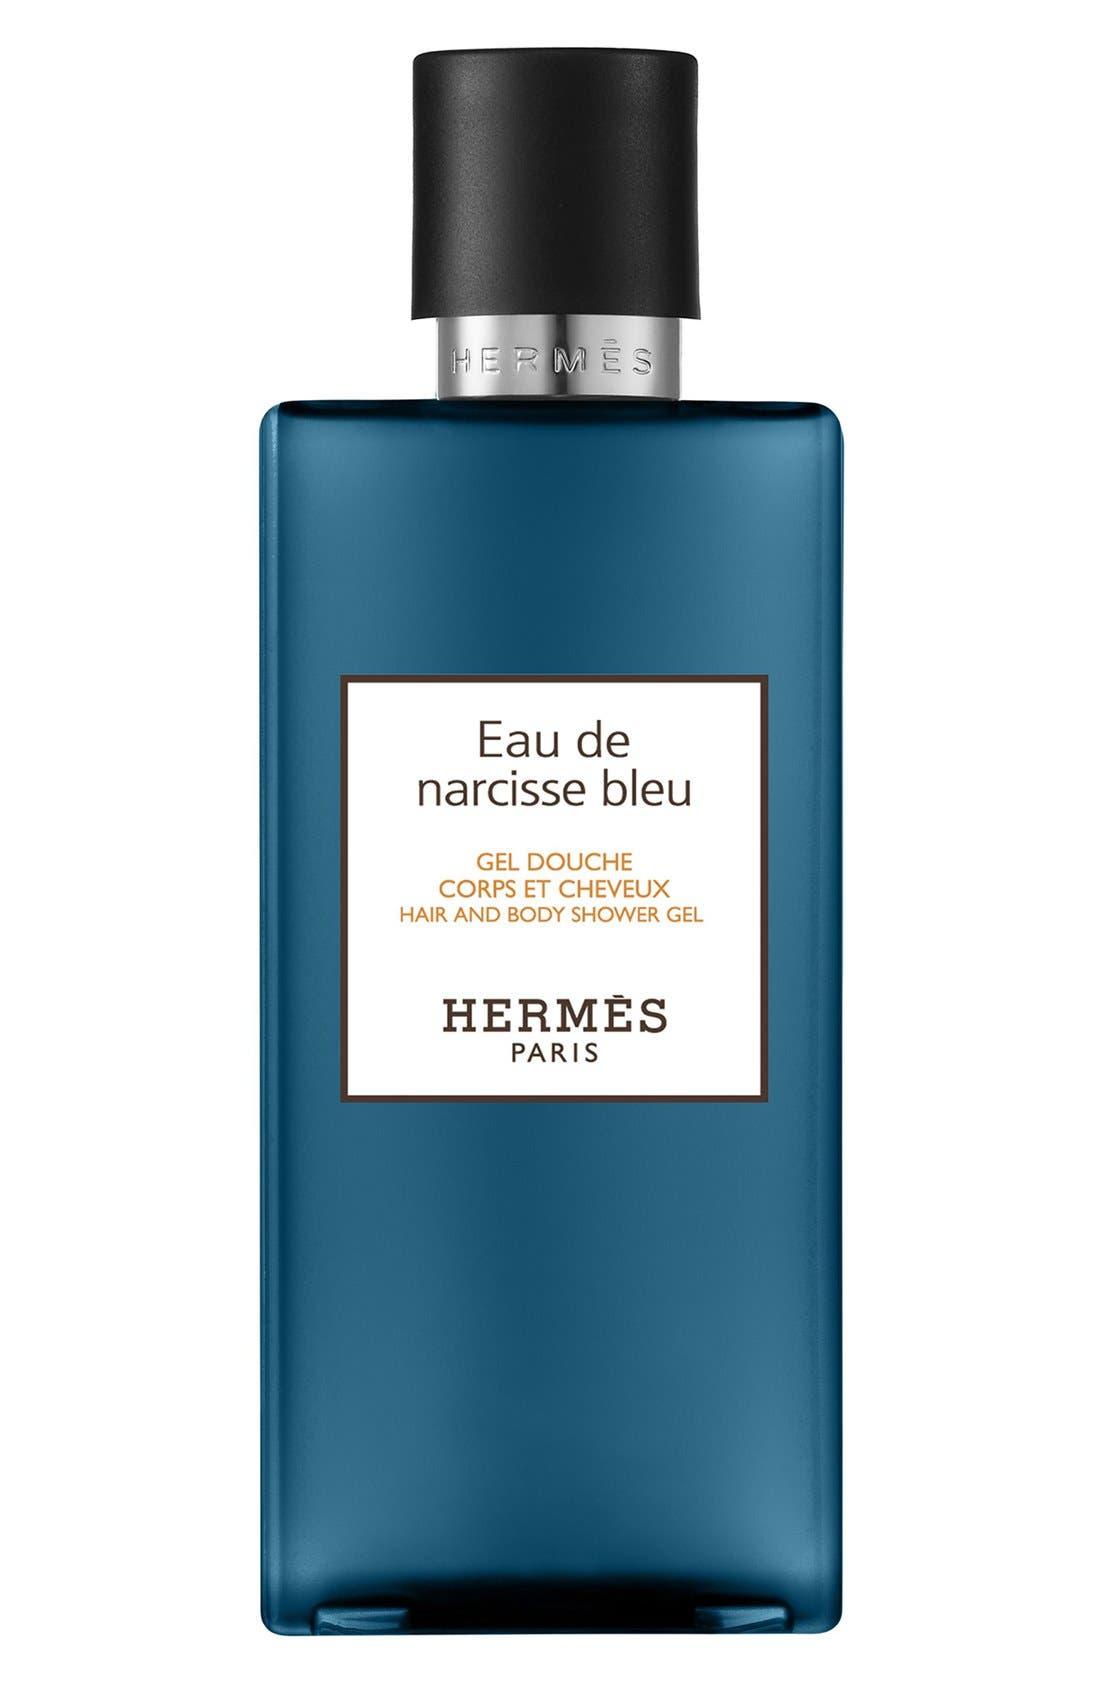 Eau de Narcisse Bleu - Hair and body shower gel,                             Main thumbnail 1, color,                             000